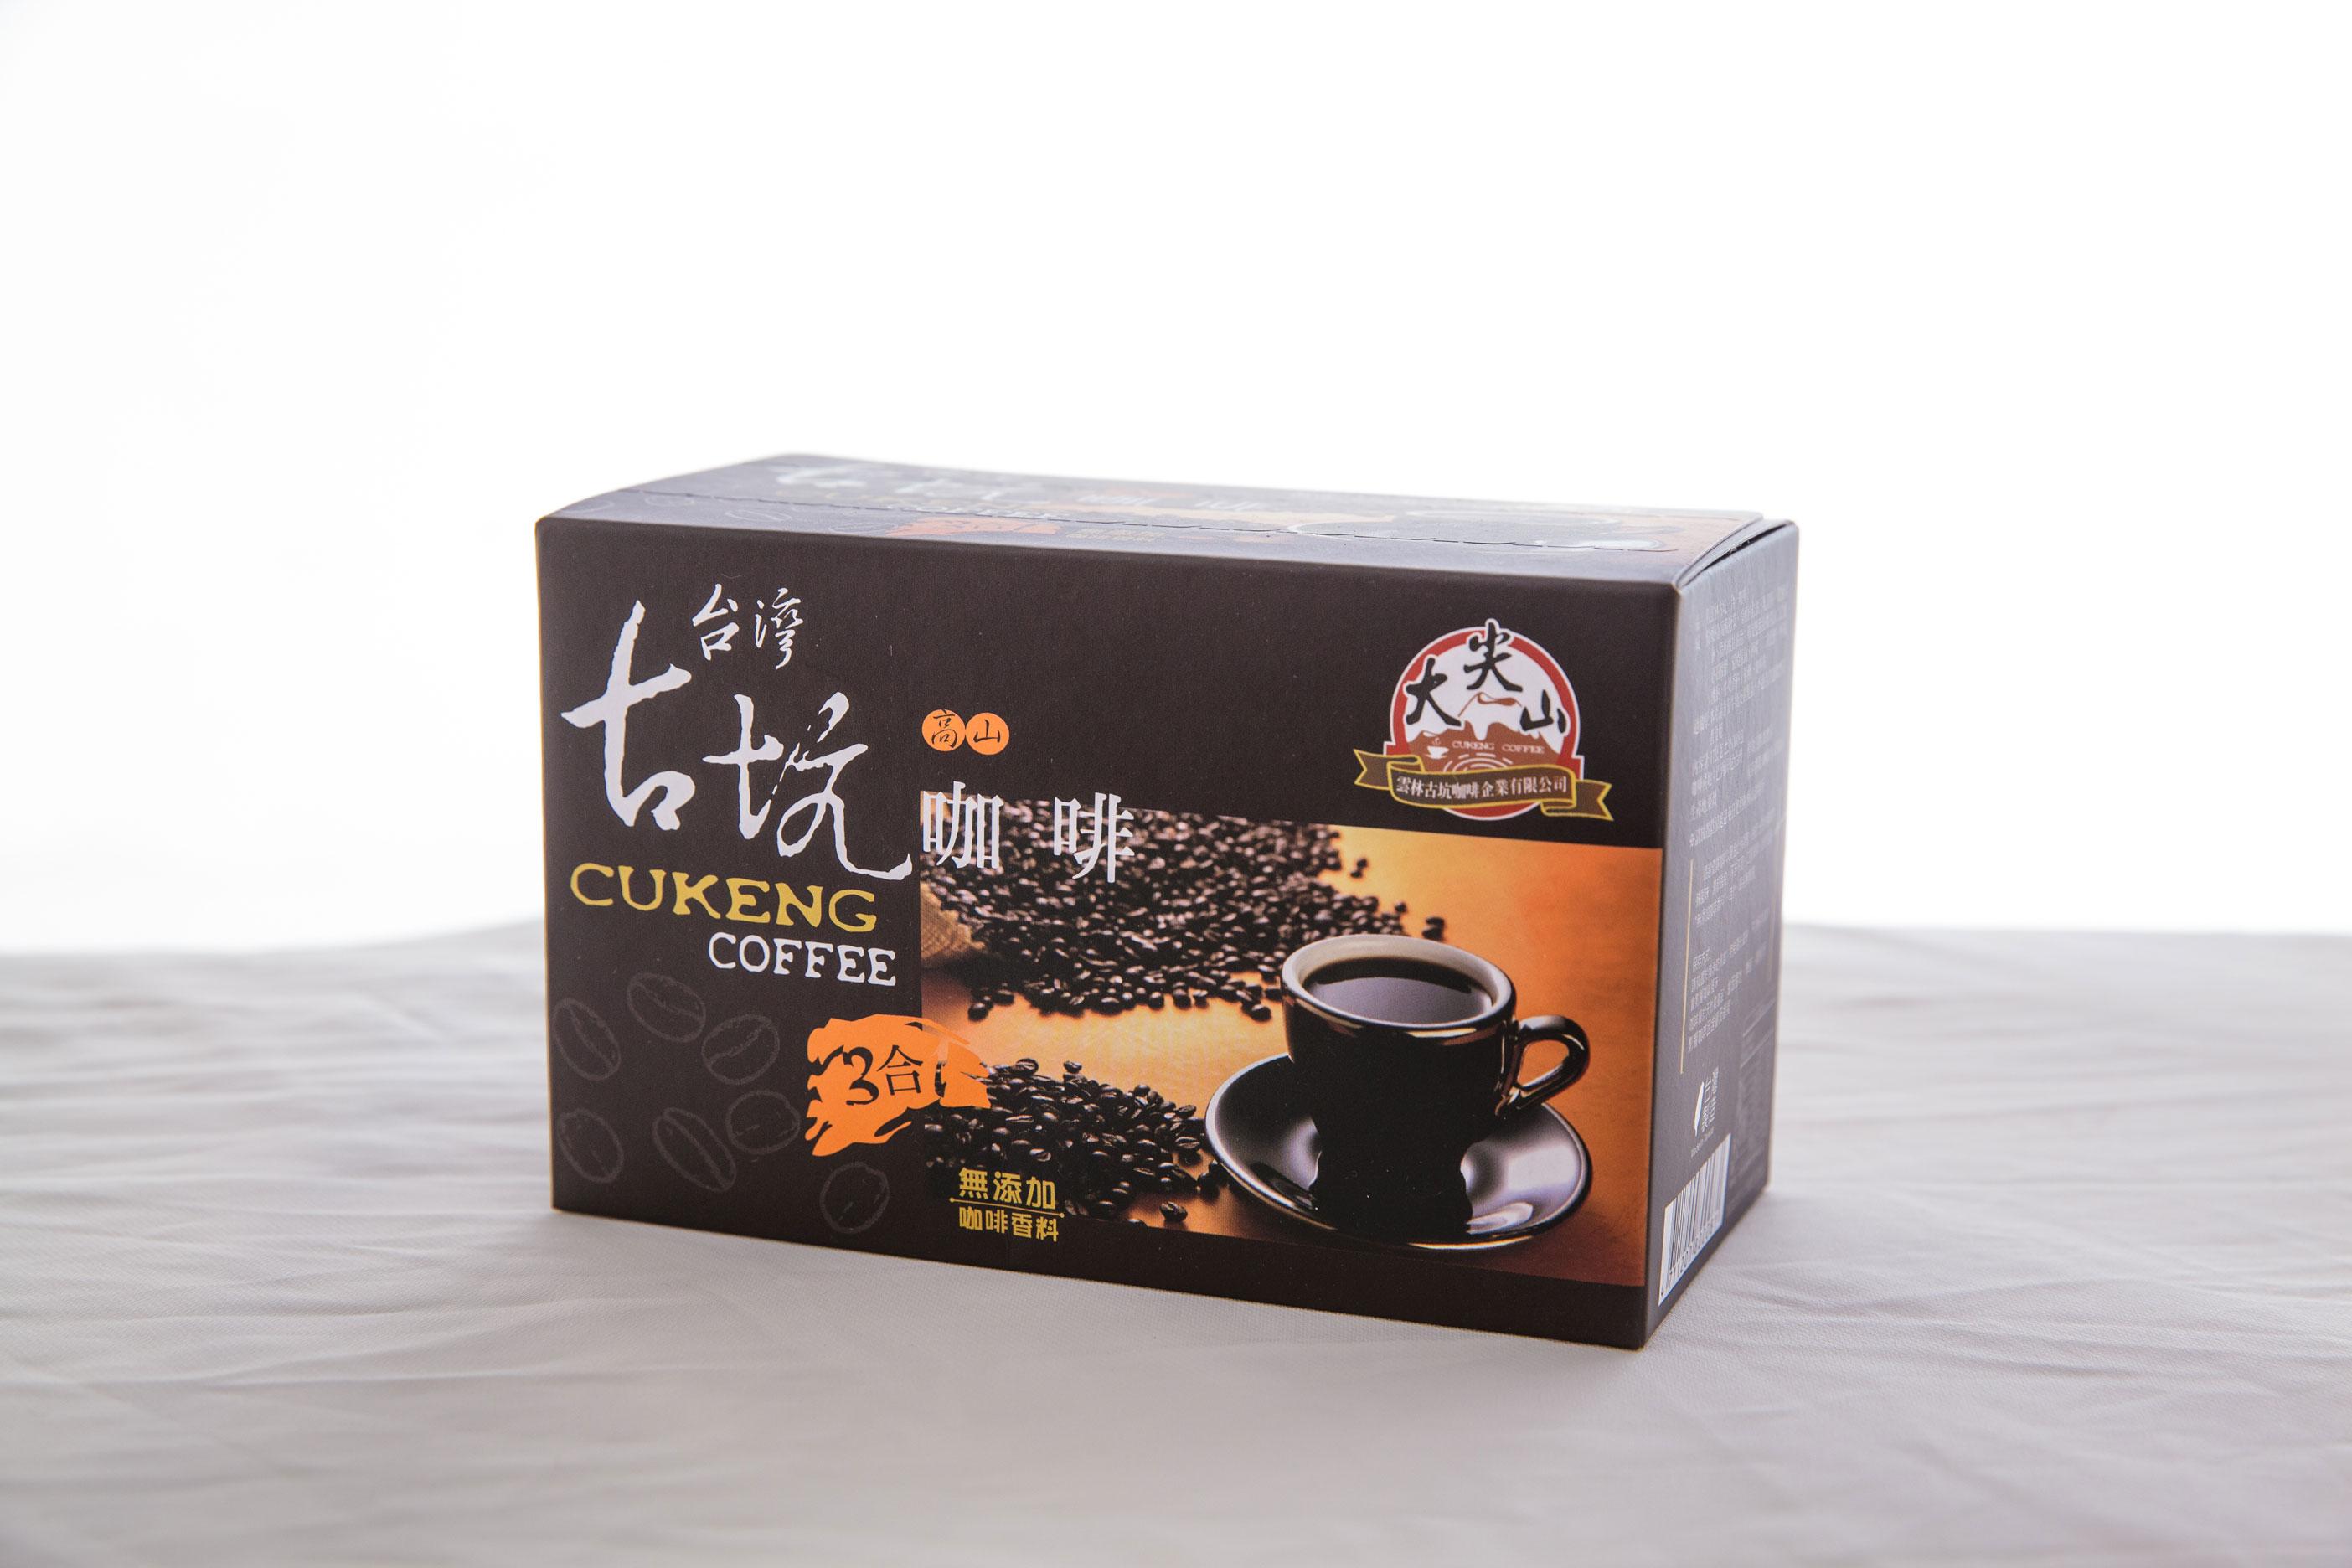 【大尖山】雲林古坑三合一咖啡15入/盒,任搭五盒599元